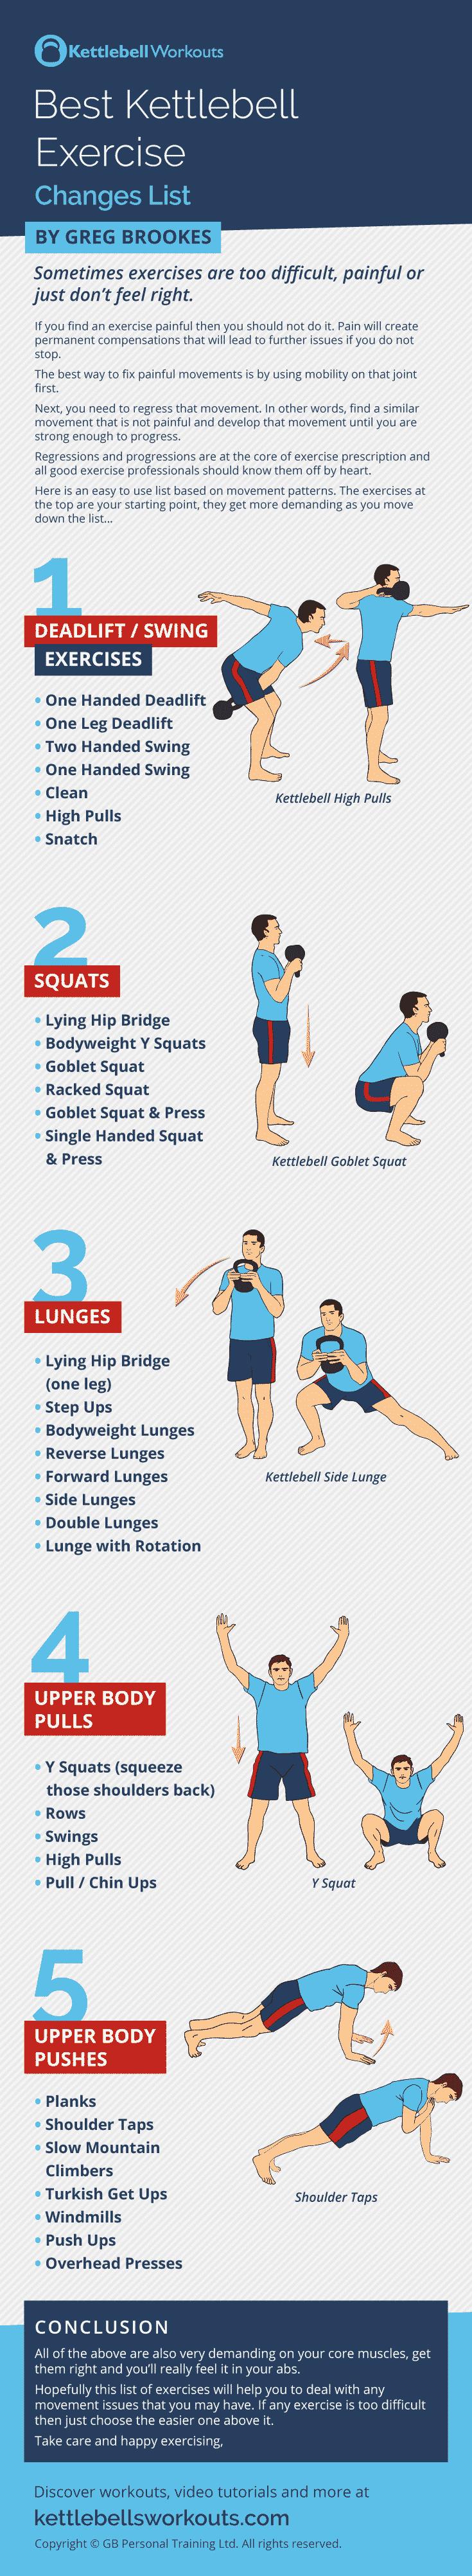 Best Kettlebell Exercise Changes List